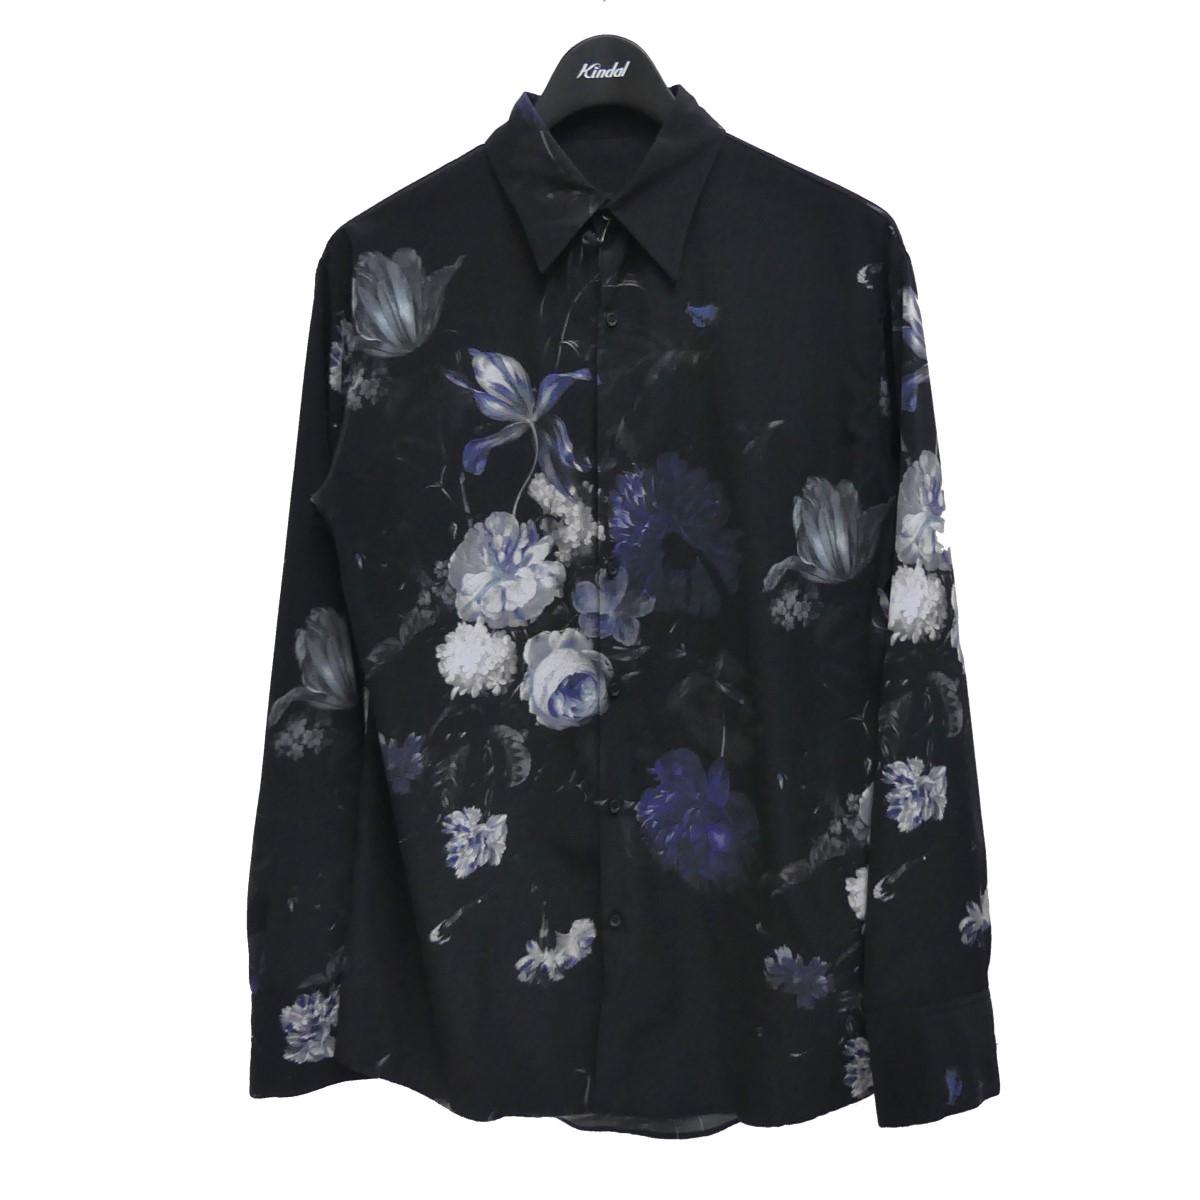 ラッドミュージシャン 中古 LAD MUSICIAN 超人気 DECHINE STANDARD SHIRT 210121 ブラック 出色 花柄シャツ FLOWER サイズ:44 INKJET